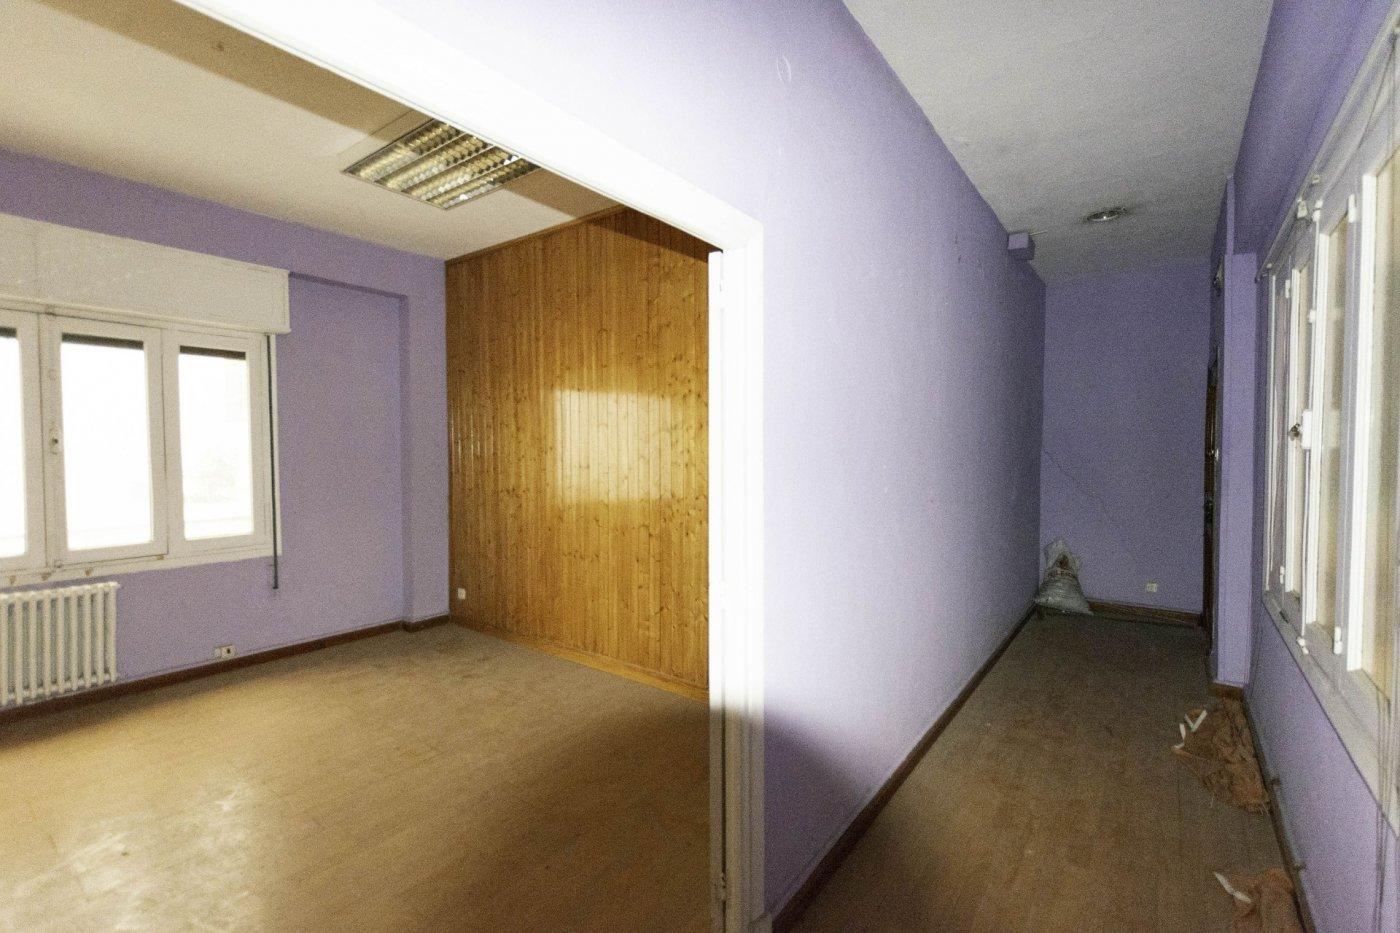 Oficinas en el centro de oviedo. - imagenInmueble8